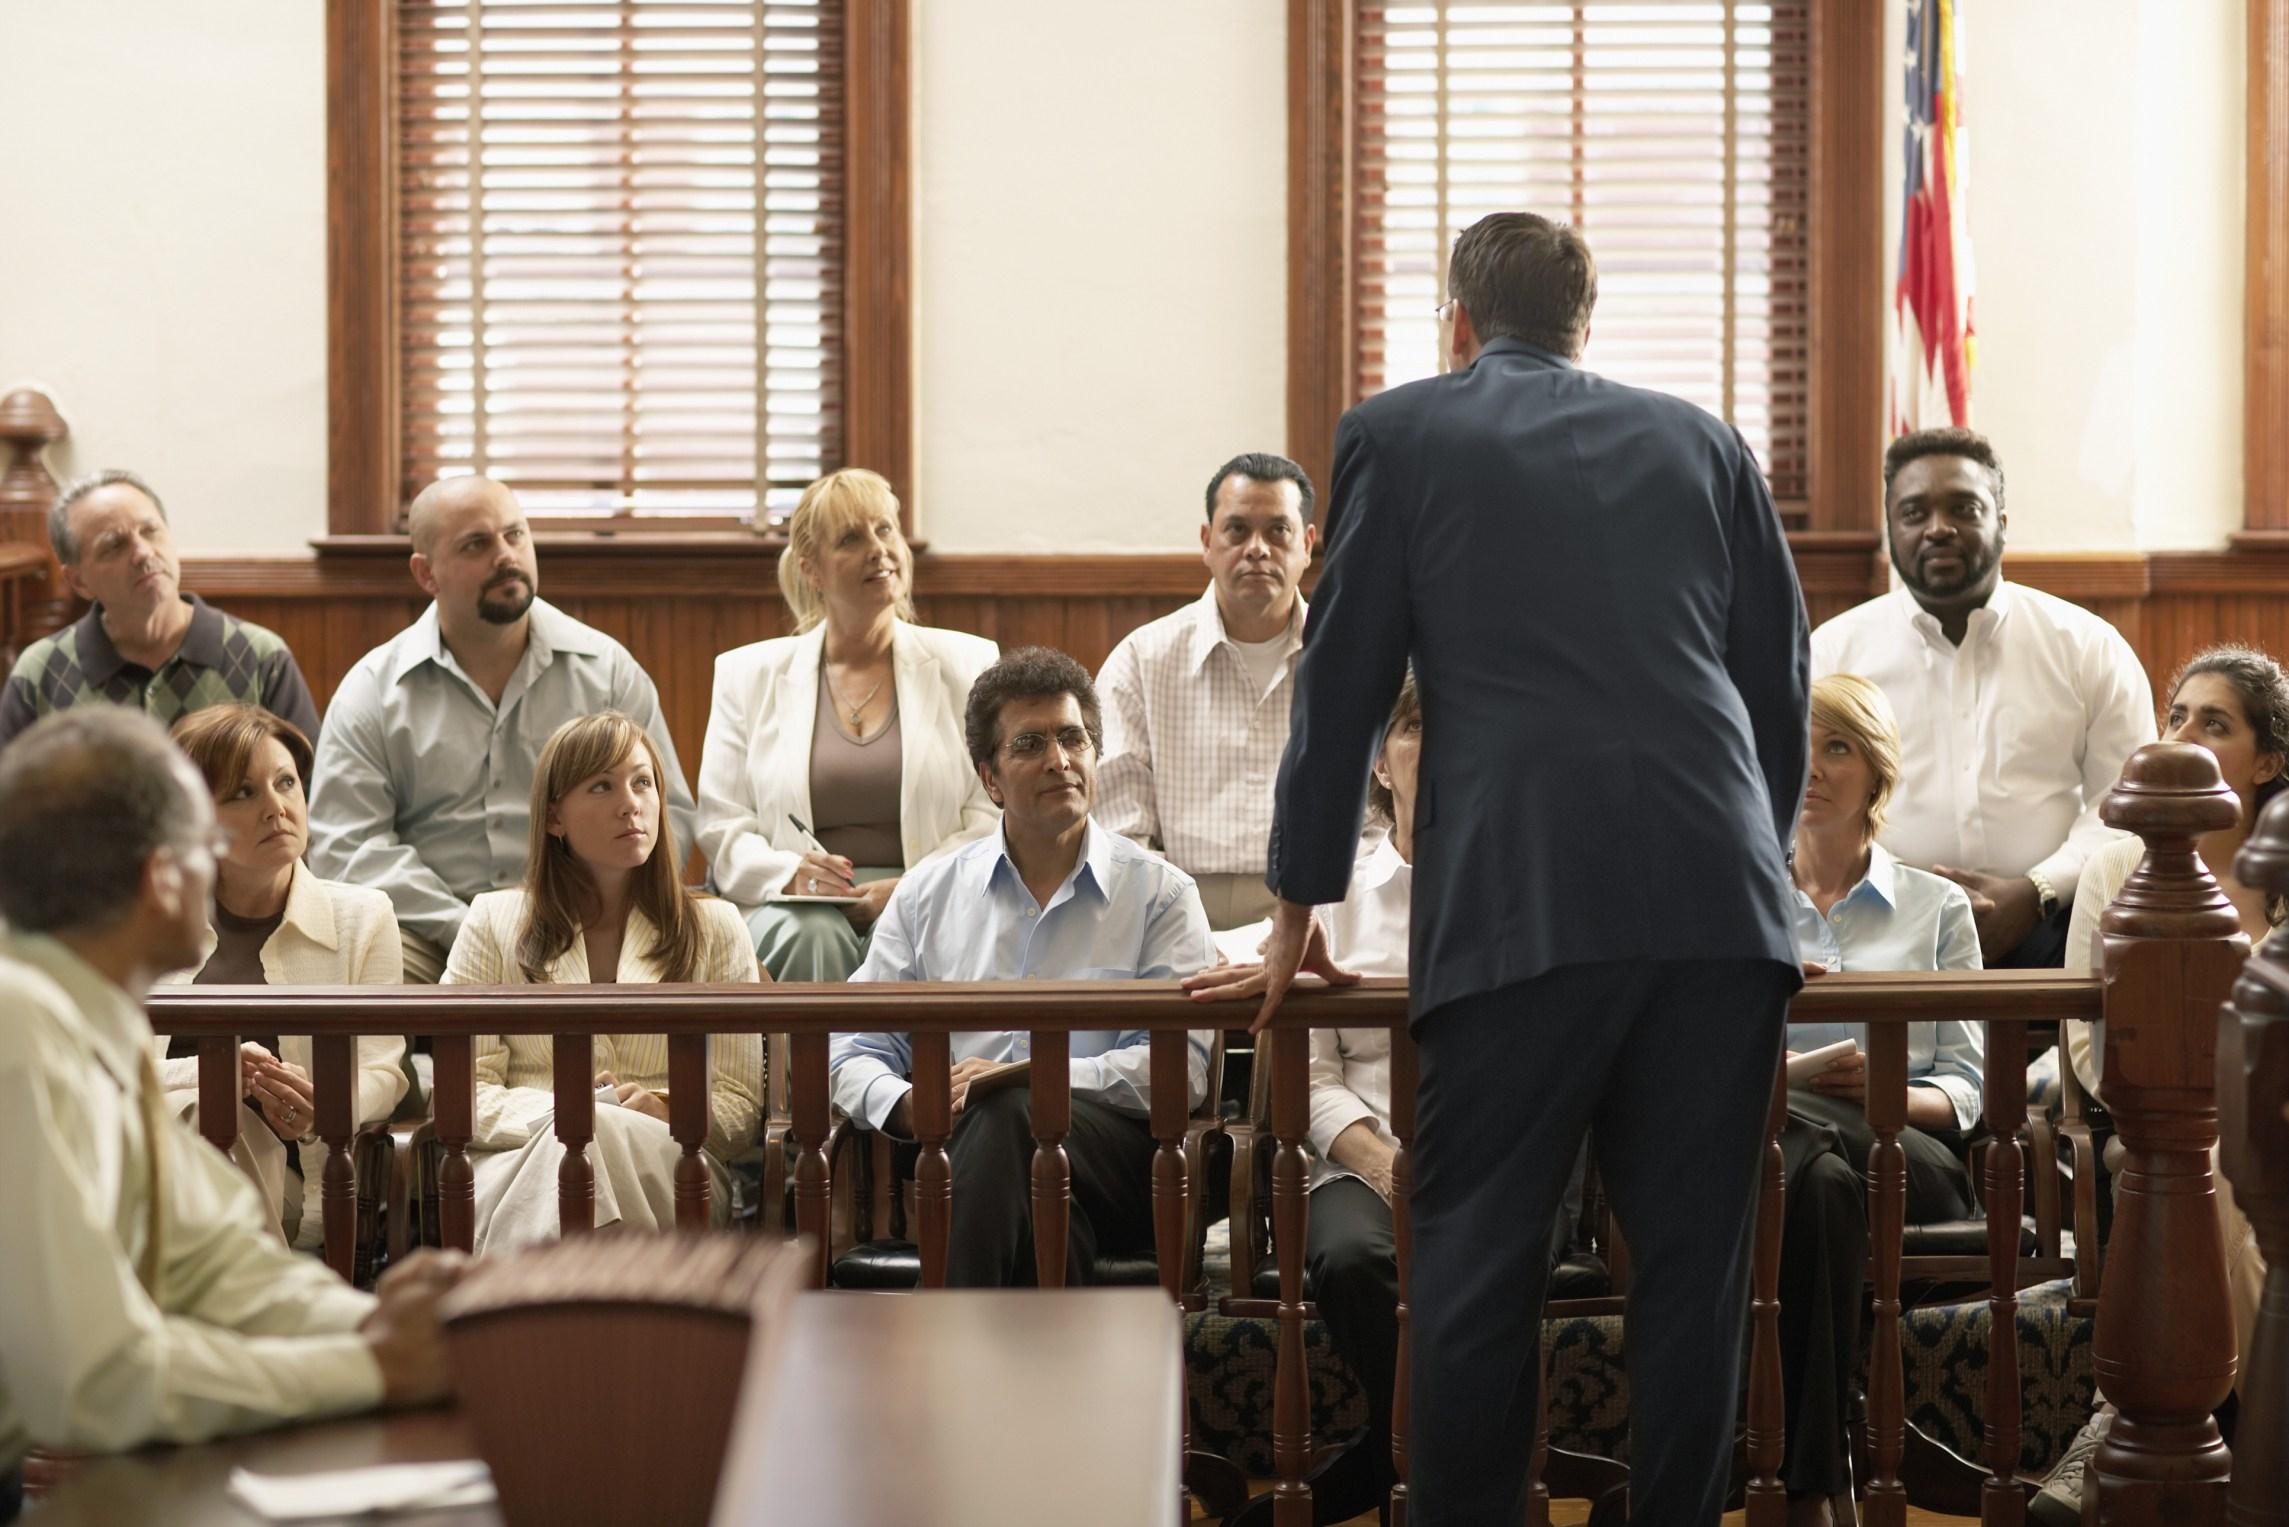 San Jose employment attorneys